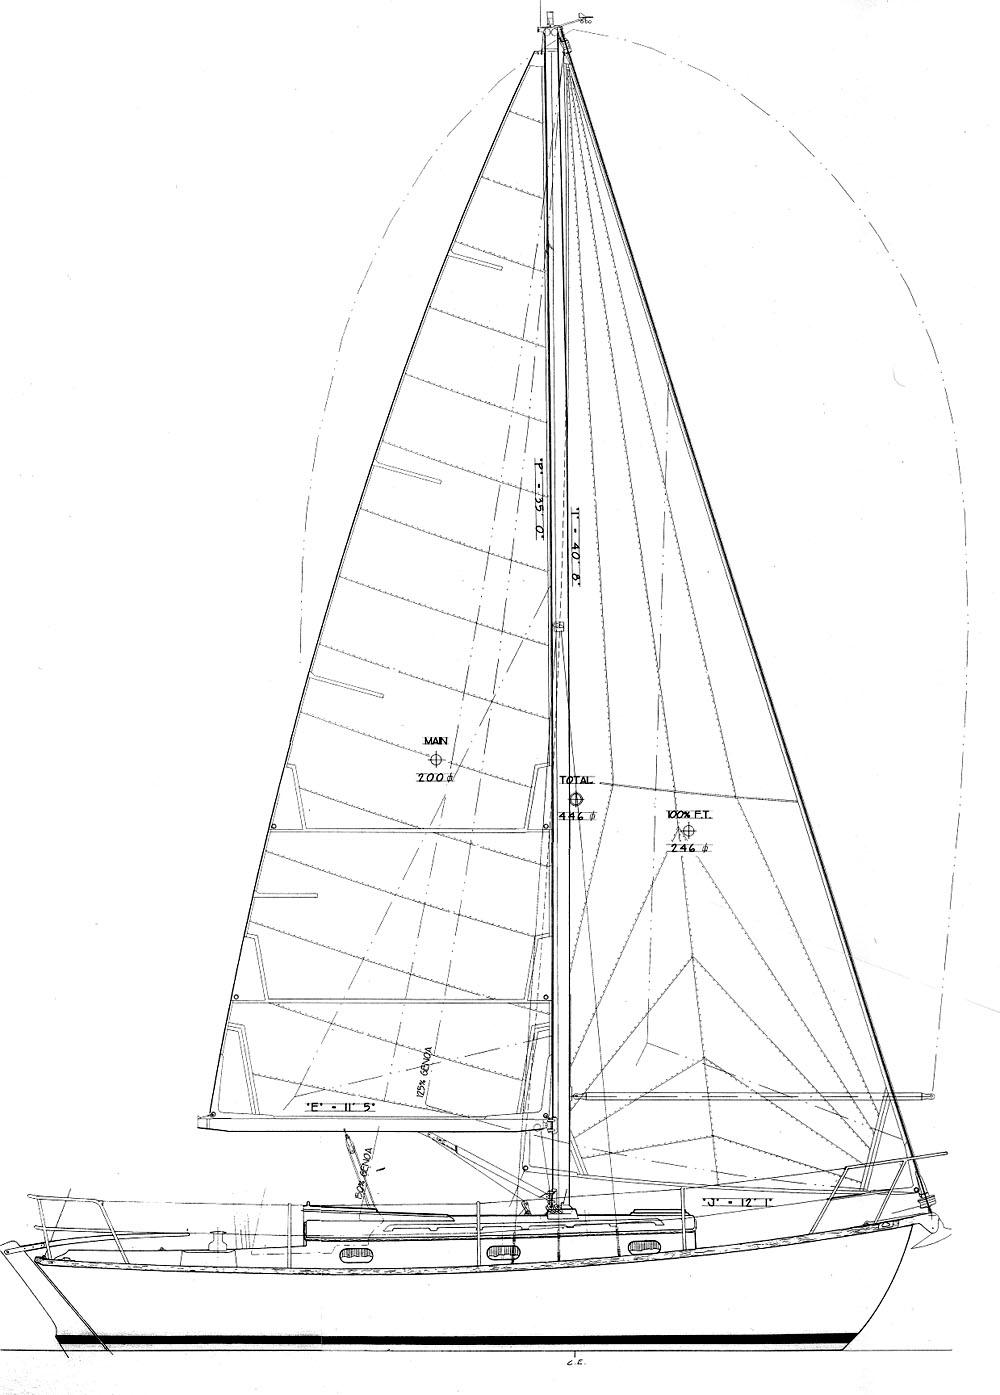 annie 2 u2013 a 30 u2032 offshore voyager chuck paine yacht design llc